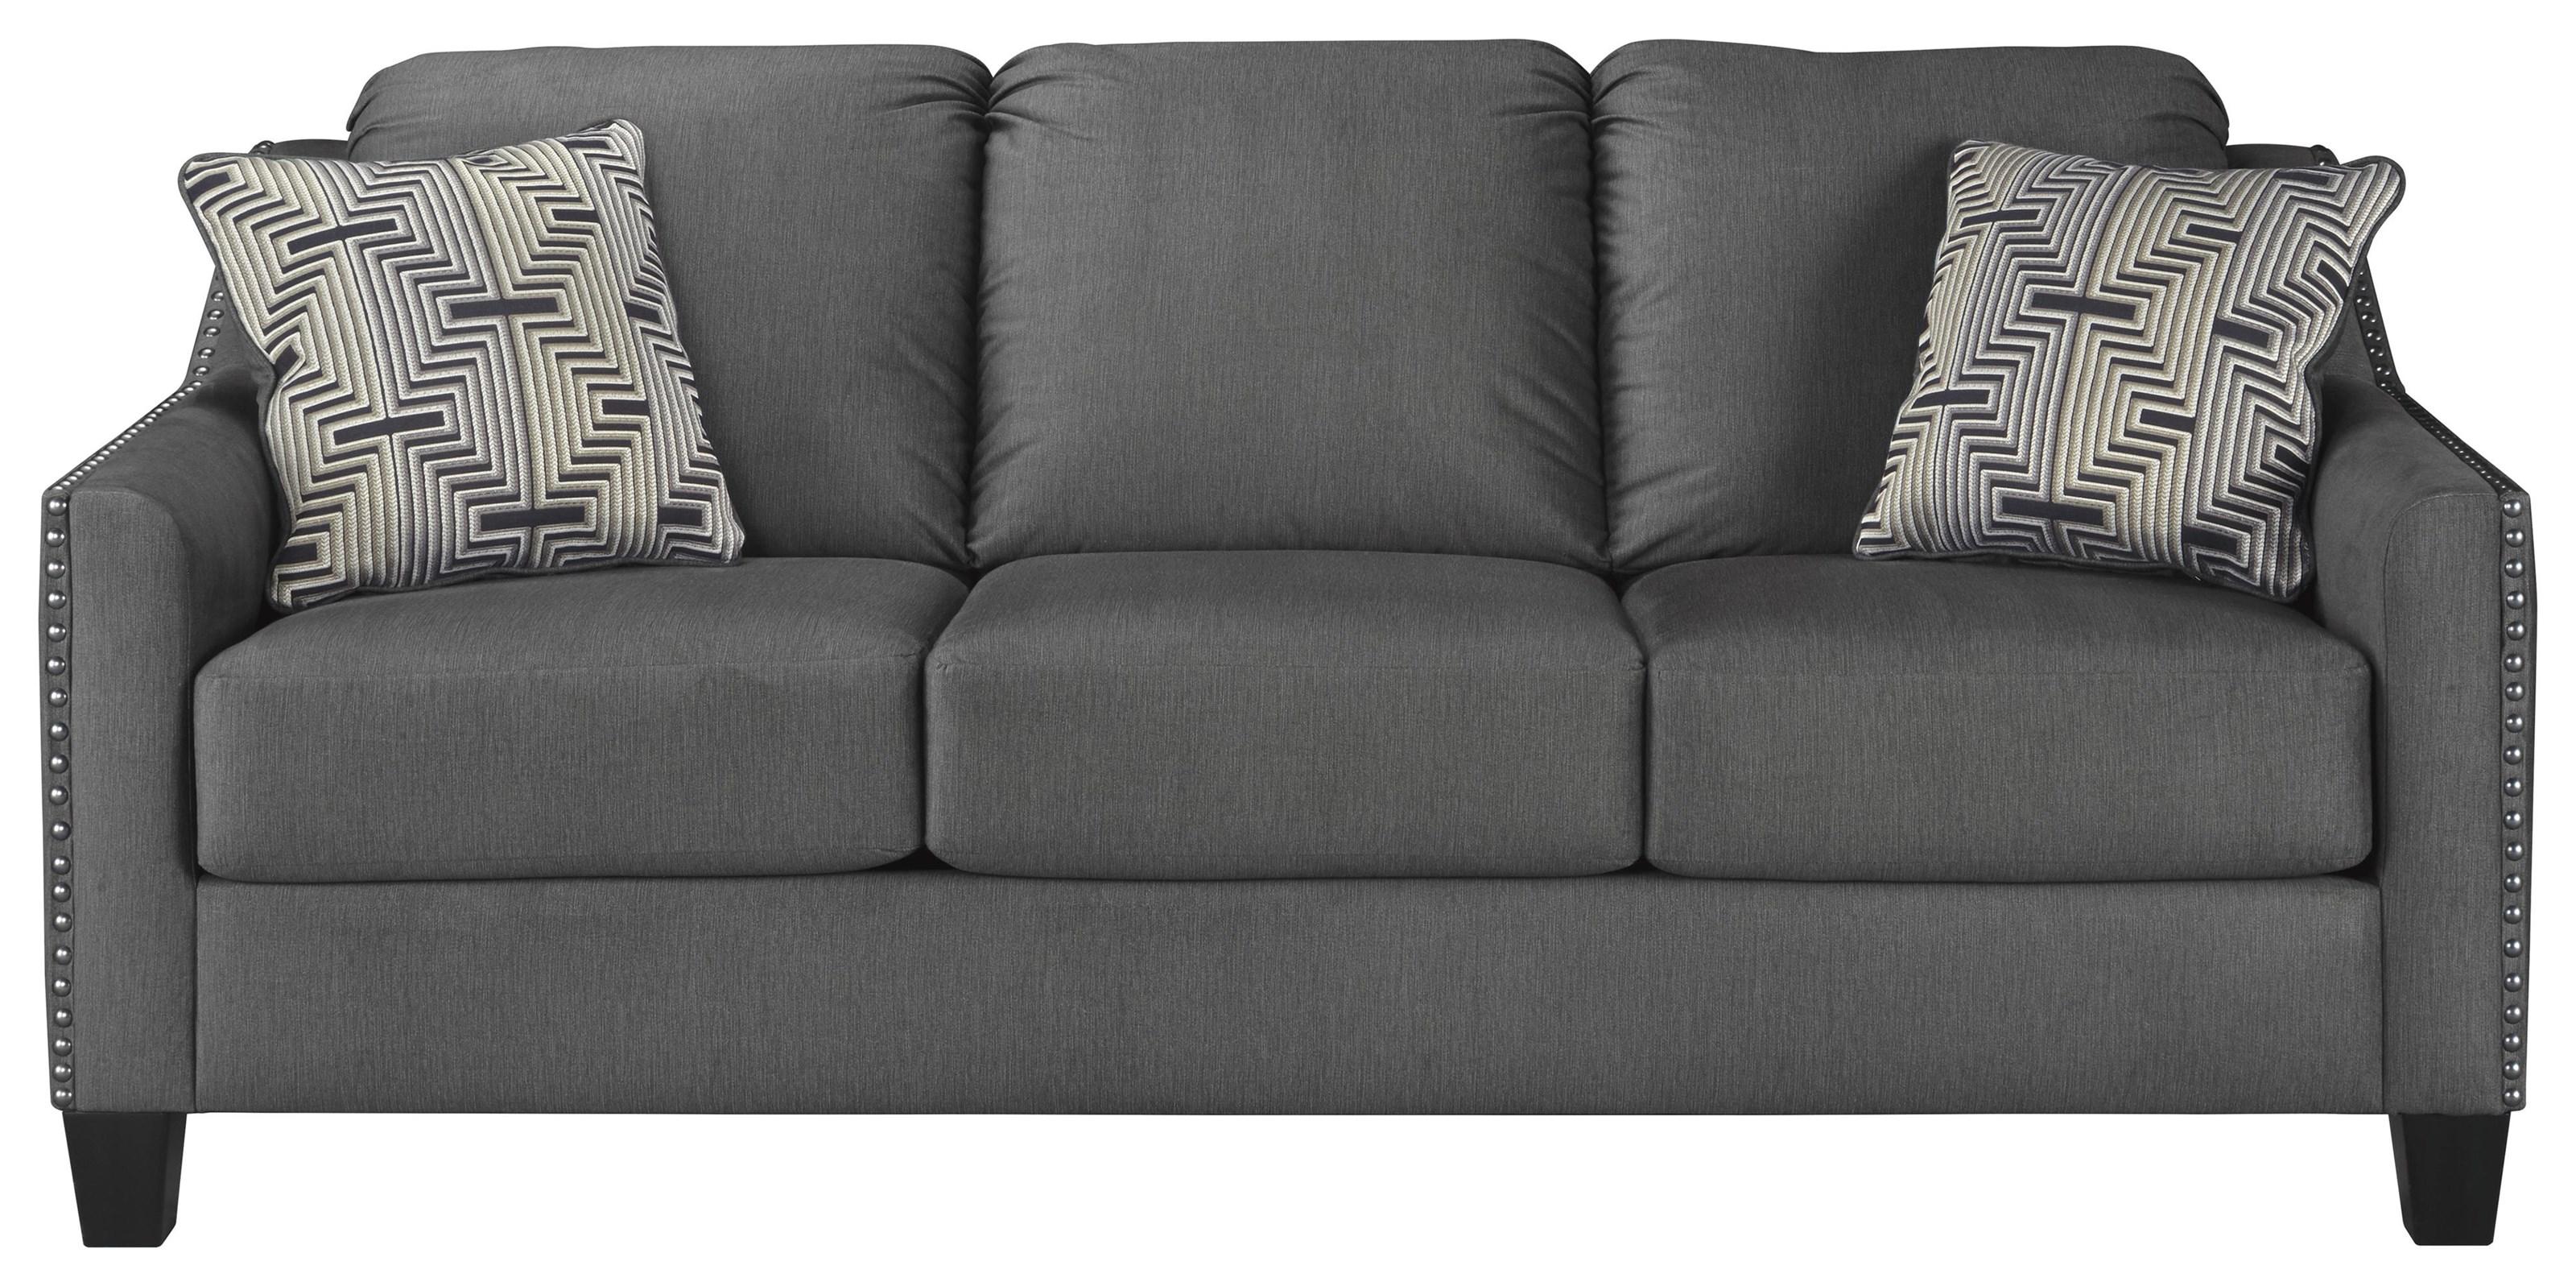 Ashley Furniture Torcello 1130338 Sofa In Graphite Fabric